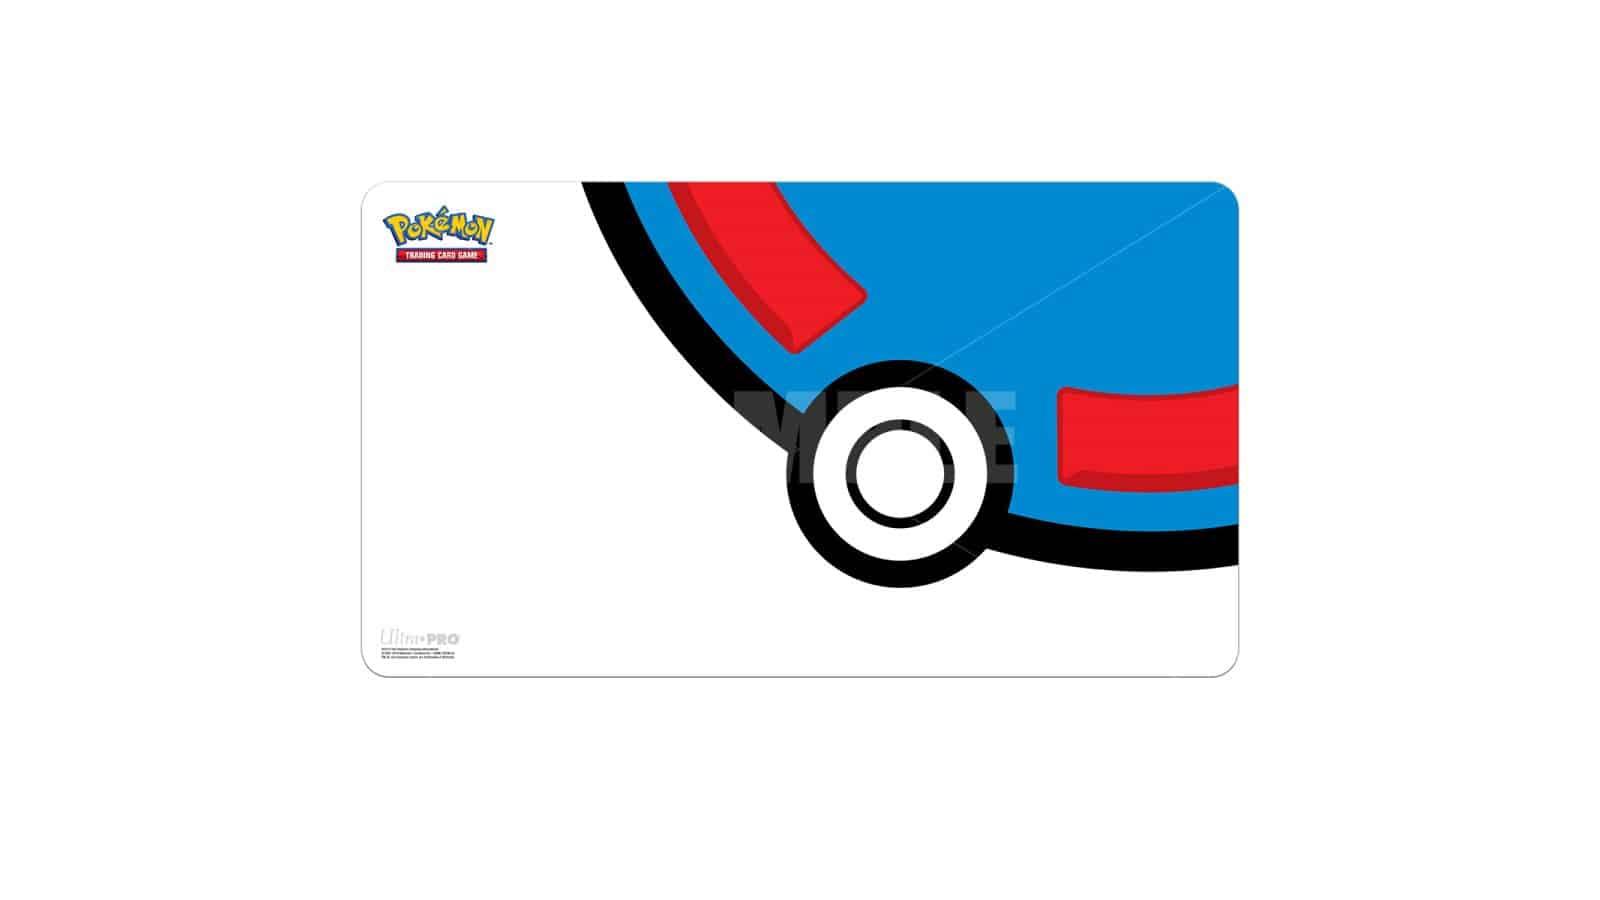 משטח משחק קלפי Pokémon - גרייט-בול